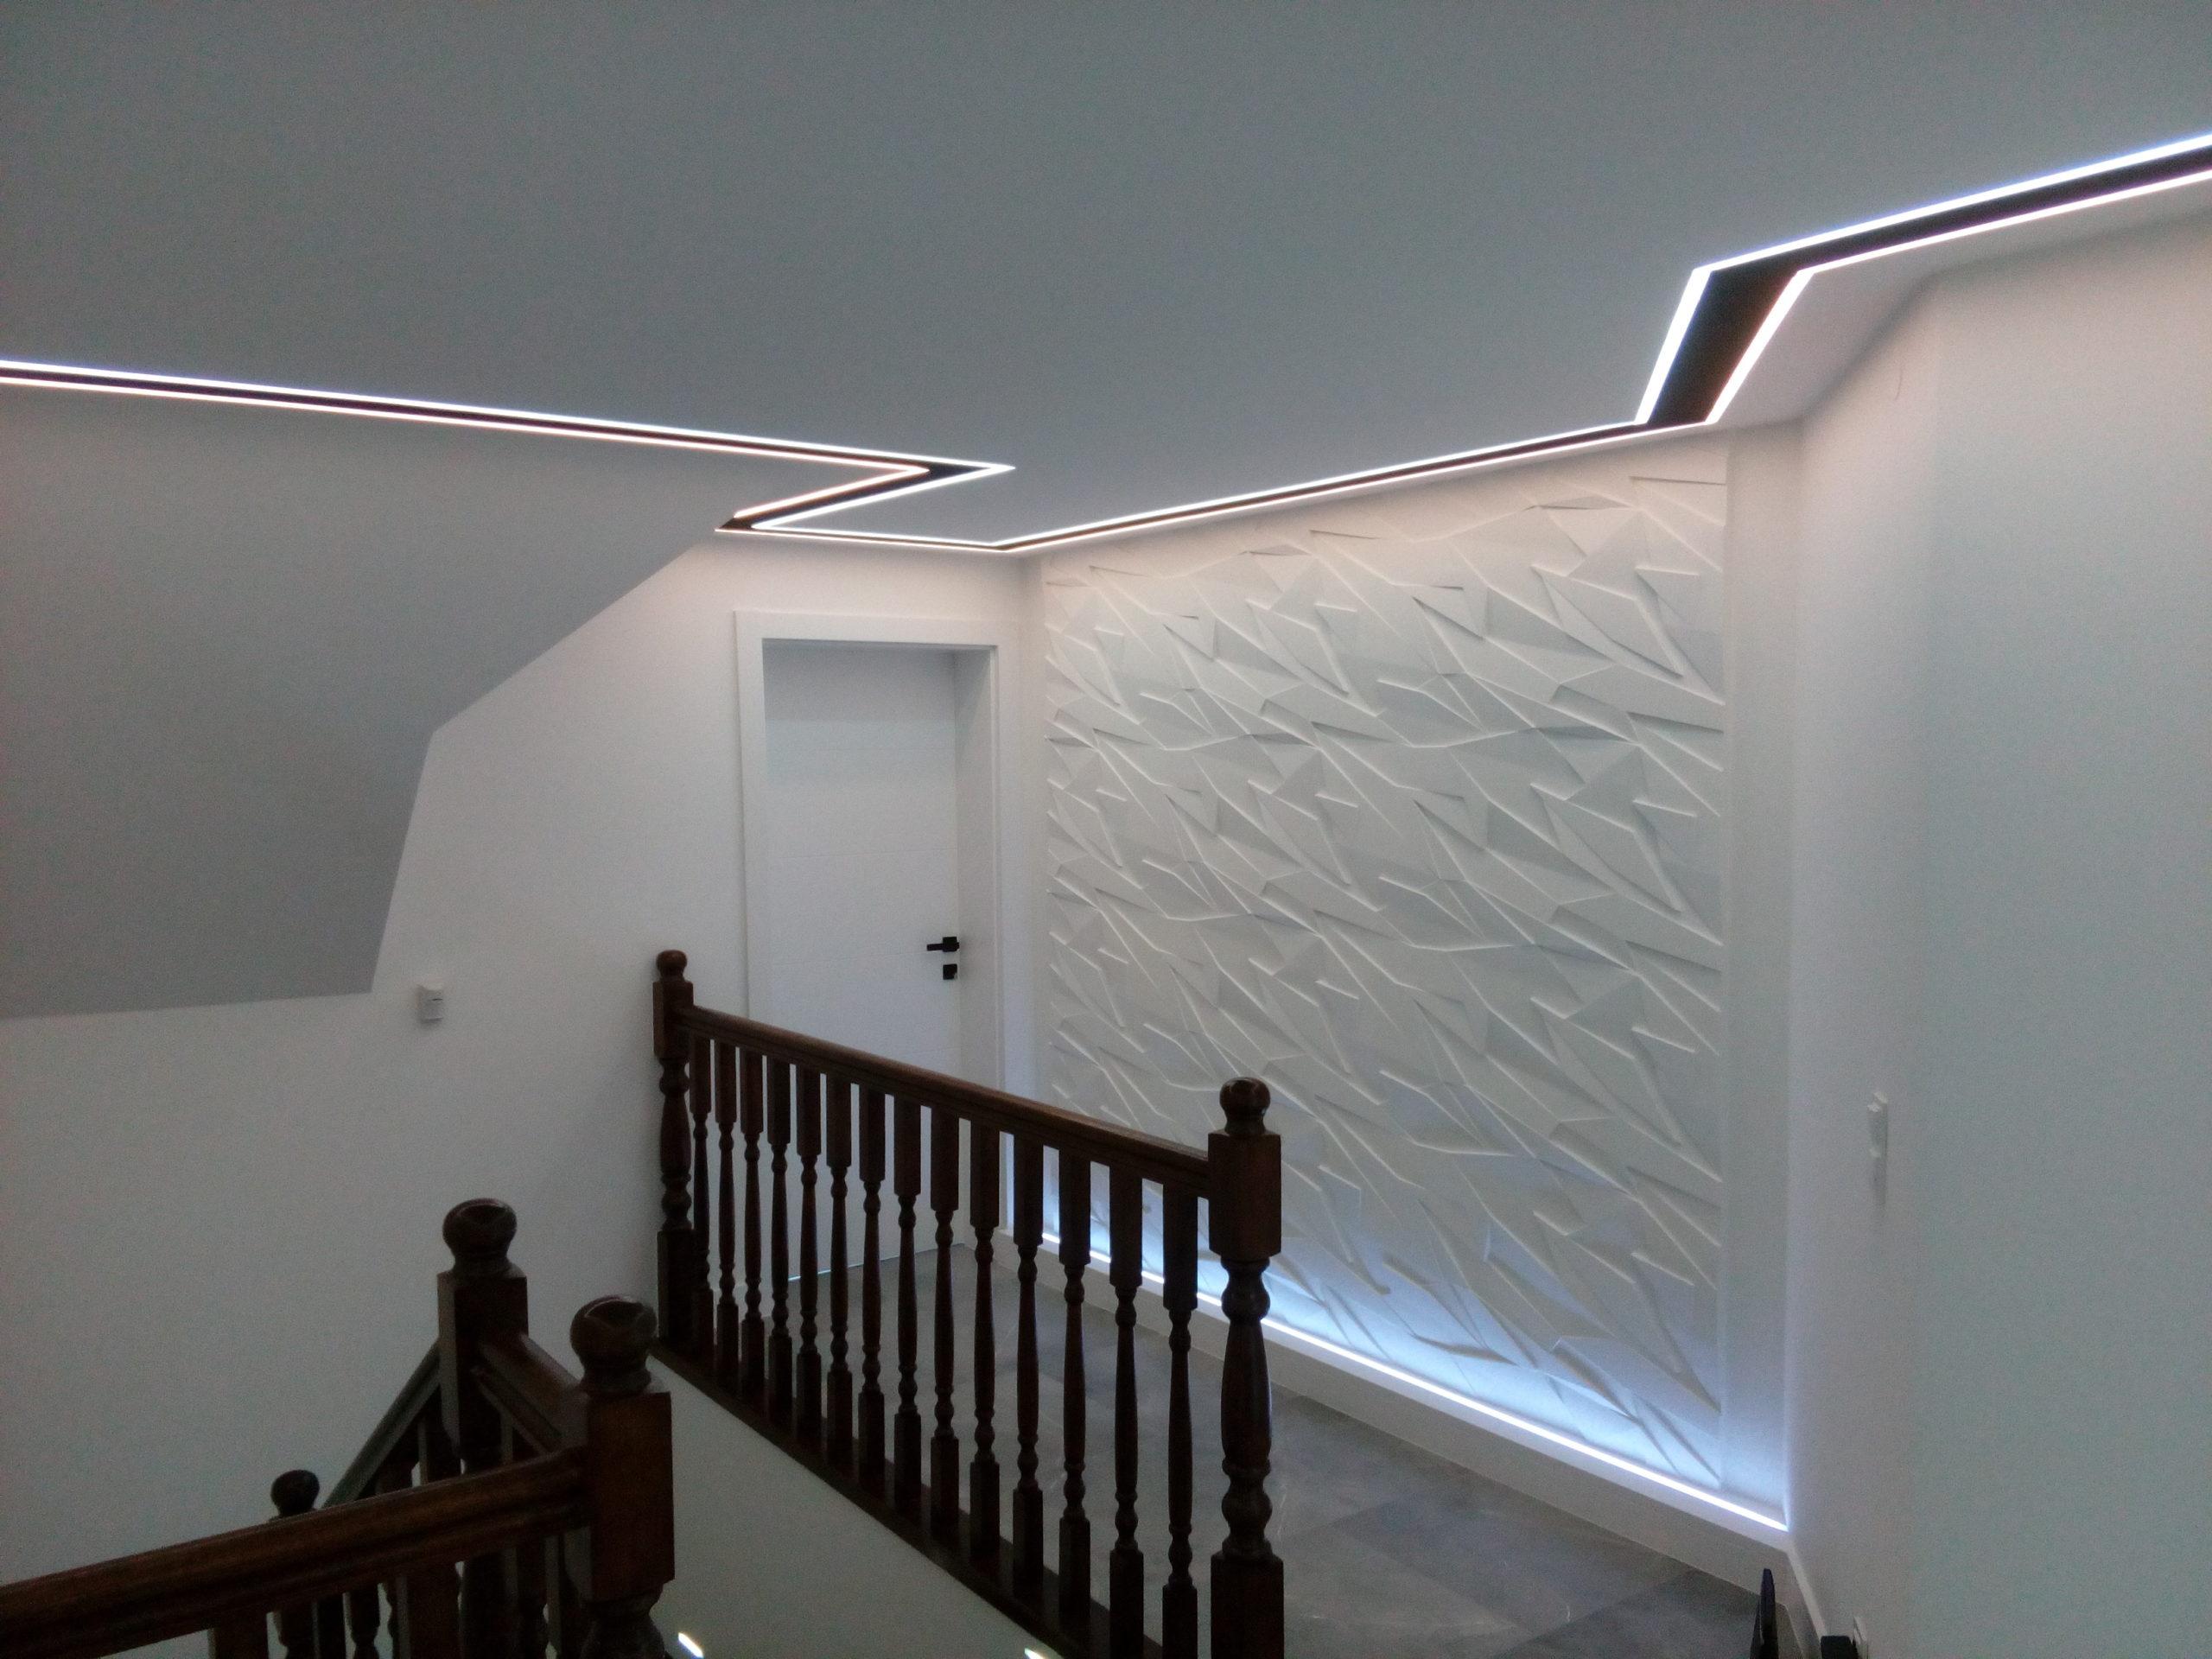 Podświetlone Sufity oraz  Ściany Boczne